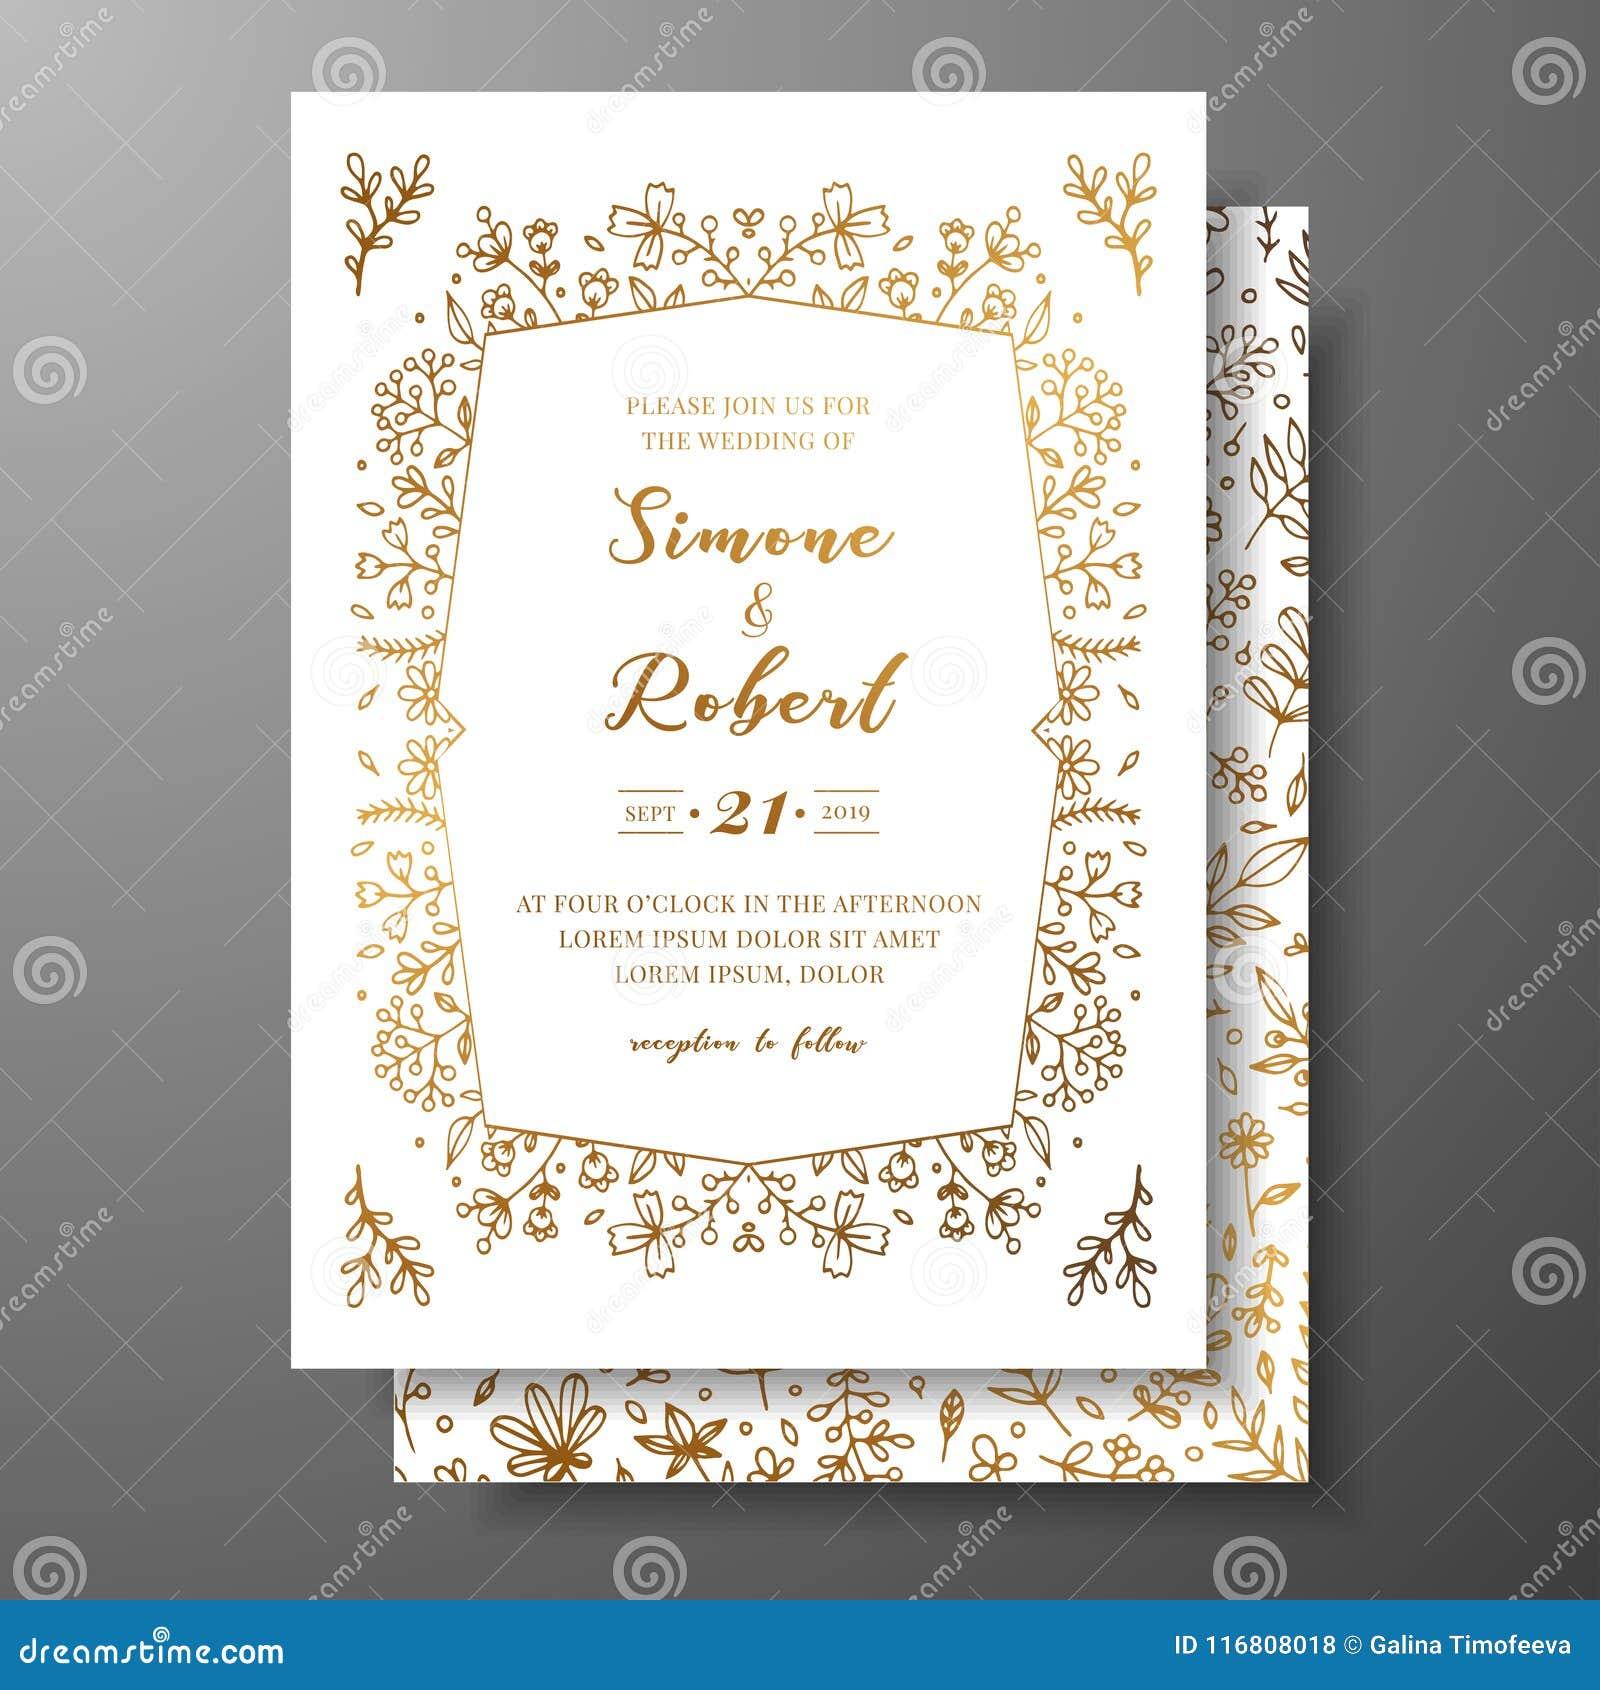 Invito dorato di nozze di vettore con i ramoscelli, i fiori e i brahches disegnati a mano Modello botanico dorato per nozze